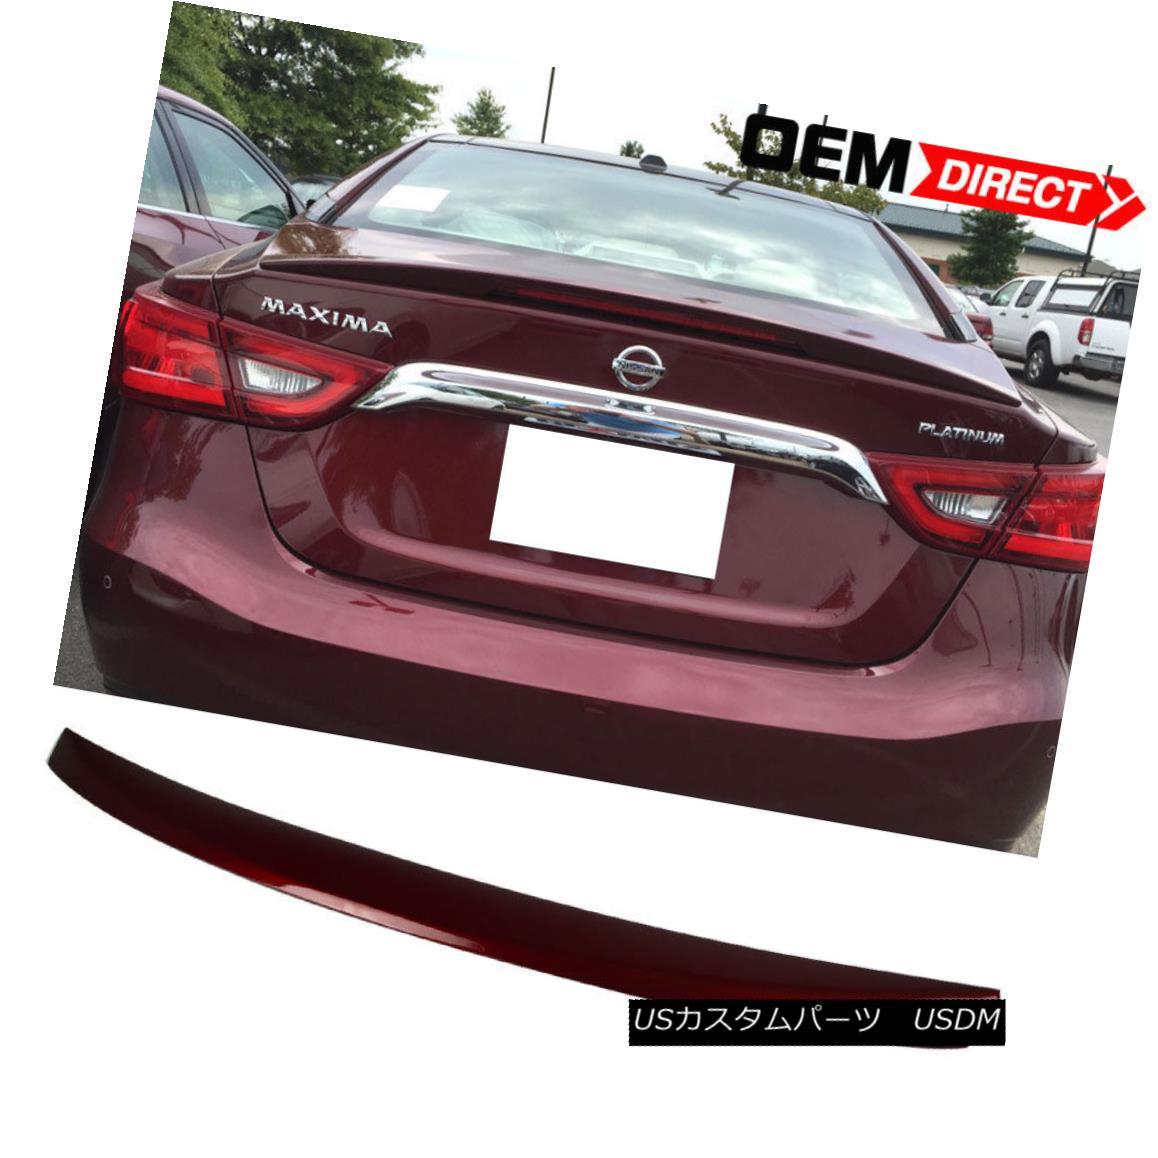 エアロパーツ Fit For 16-18 Maxima OE ABS Trunk Spoiler Painted Coulis Red # NAW 16-18マキシマOEのフィットABSトランクスポイラー塗装Coulis赤#NAW